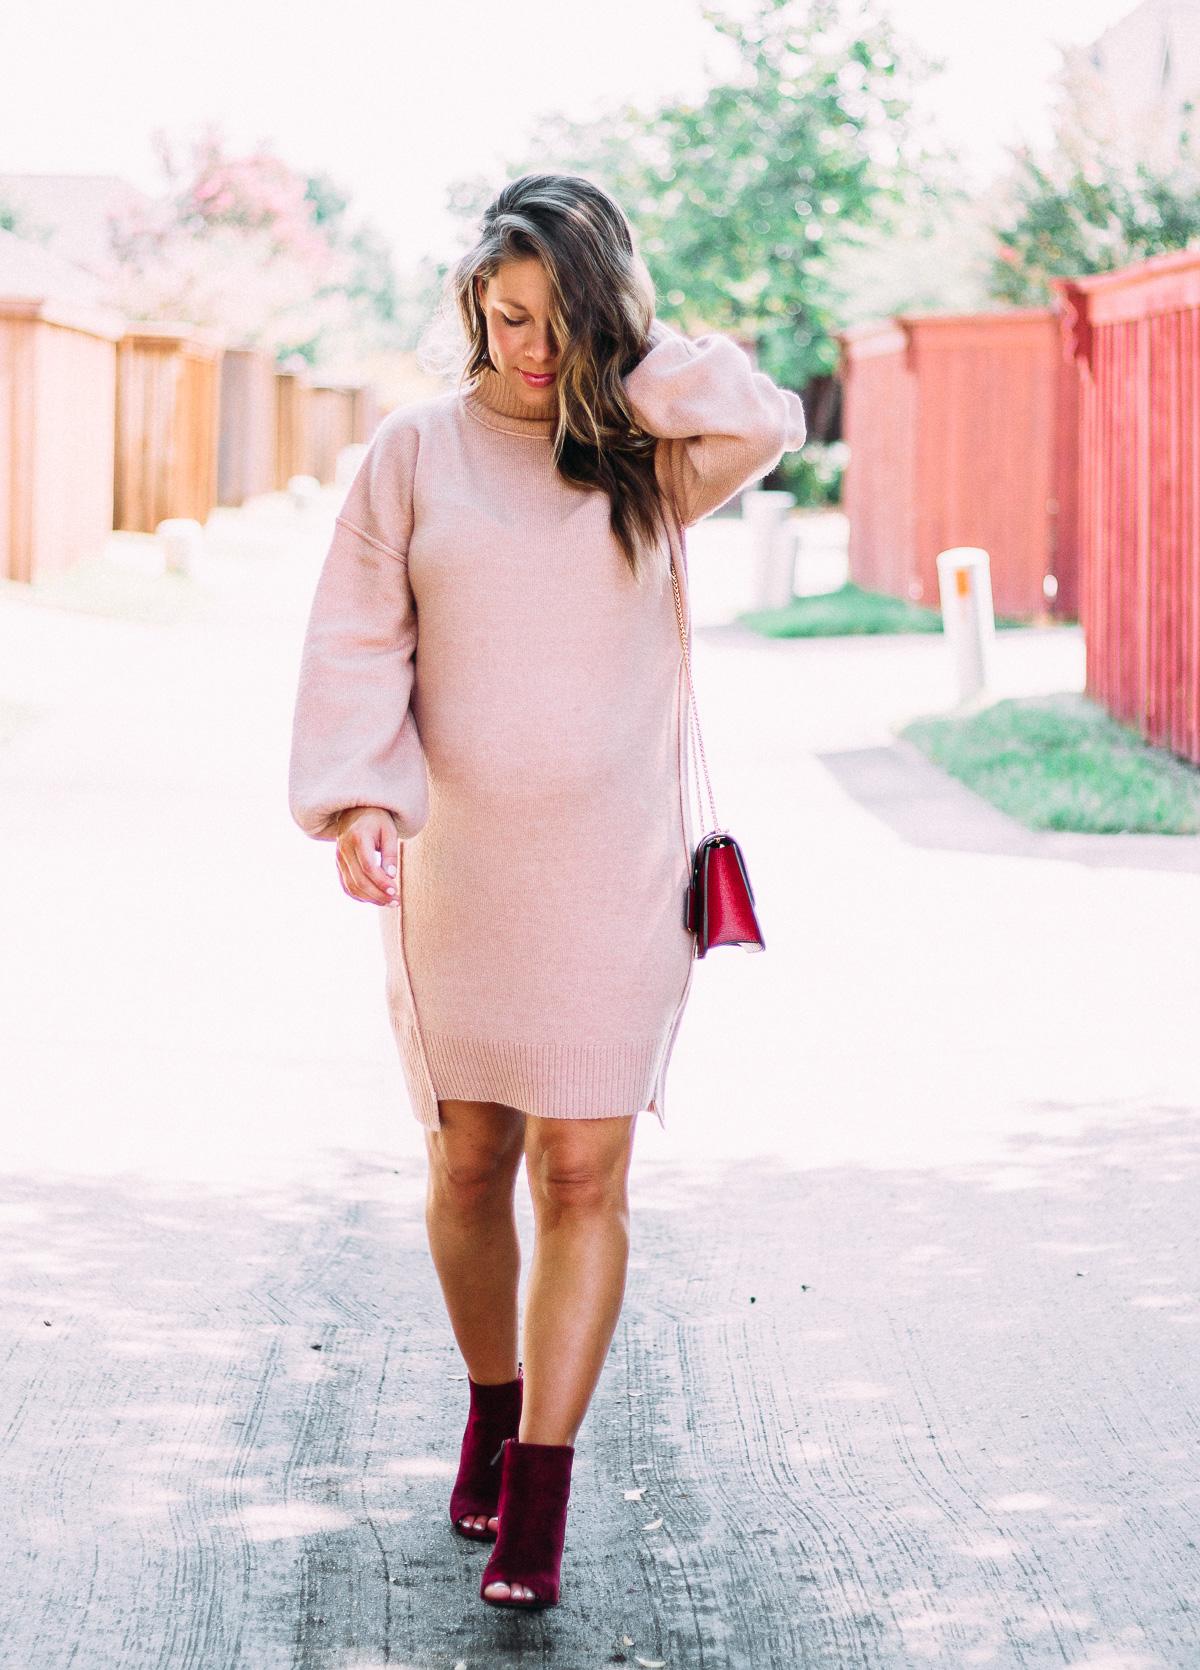 Pregnant-Fashion-Blogger-4860